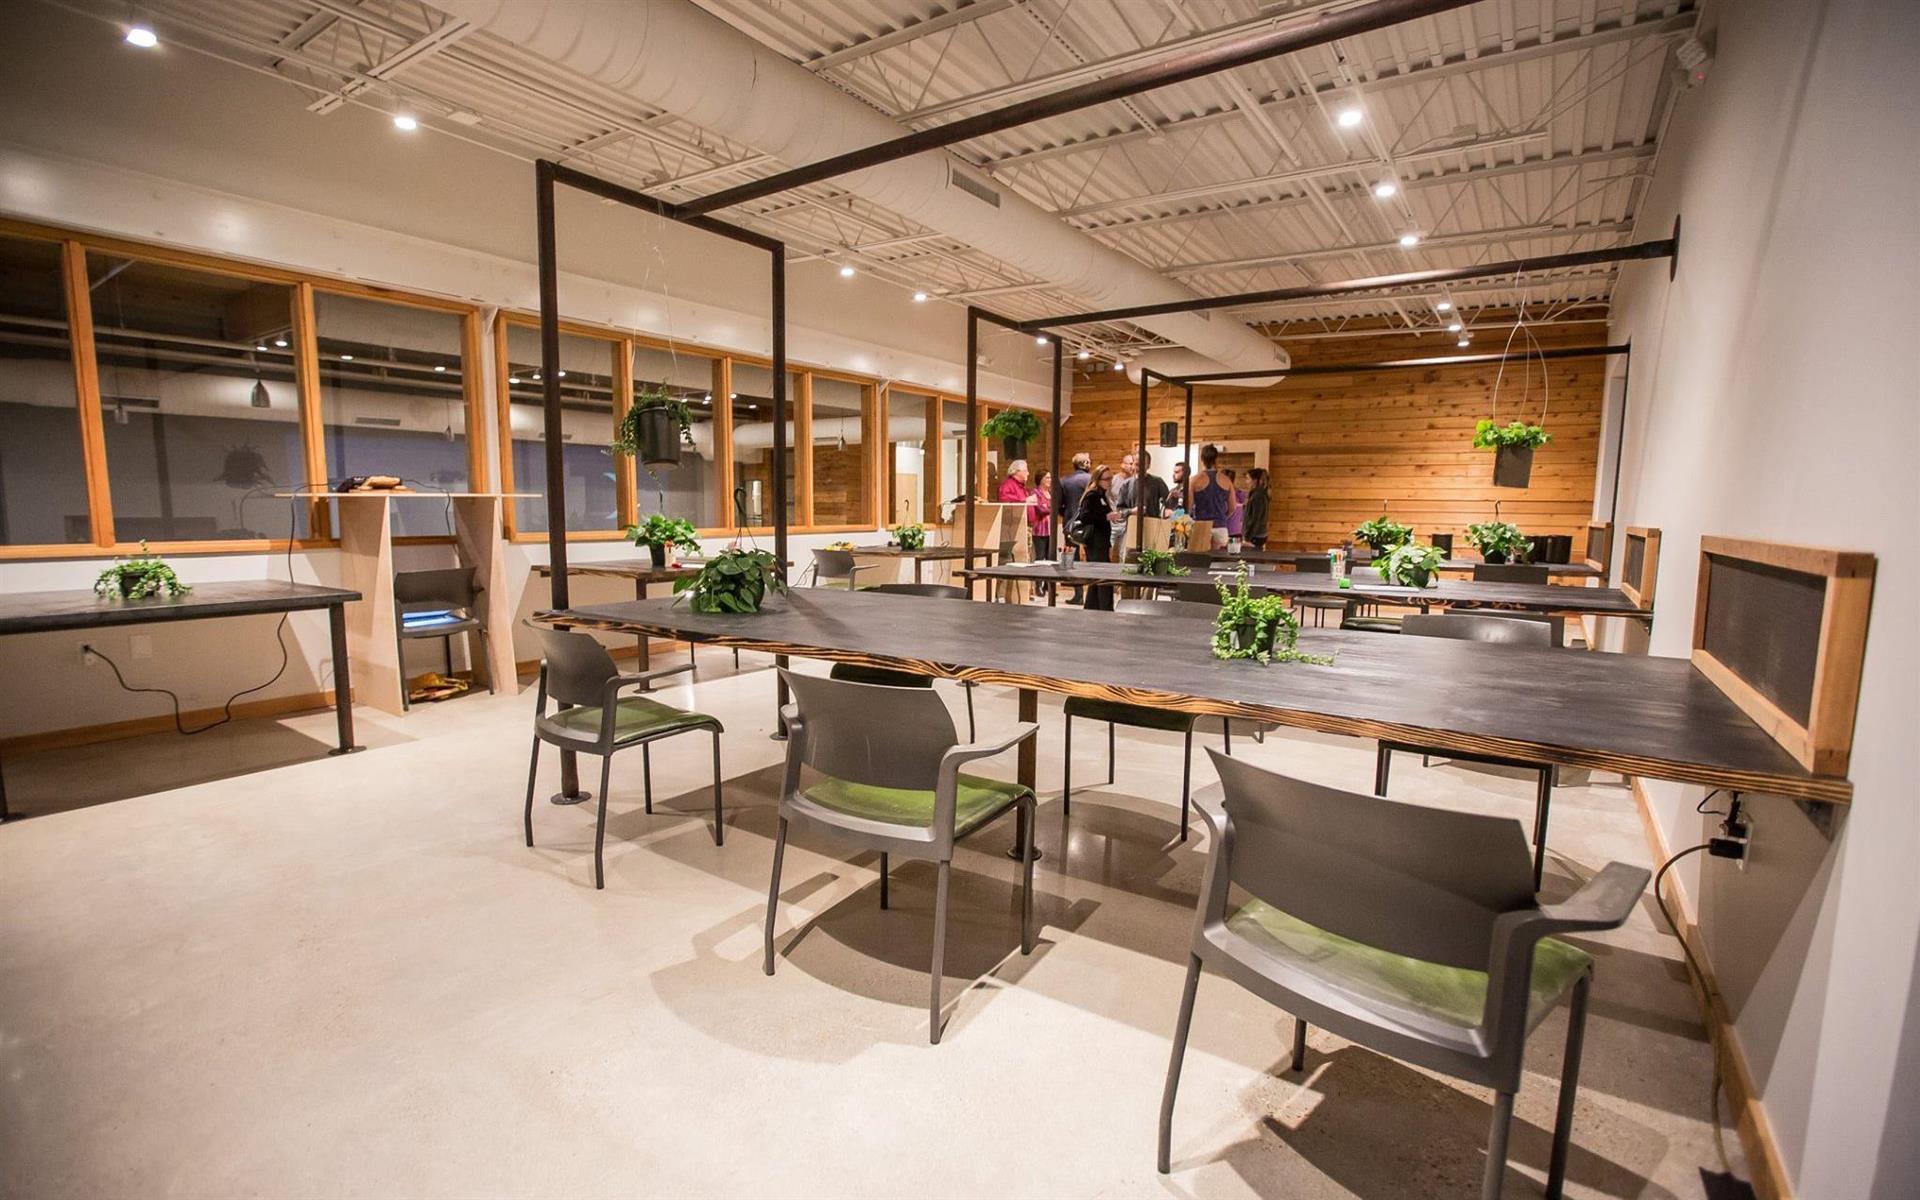 Impact Hub Austin (N. Lamar) - Dedicated Desk